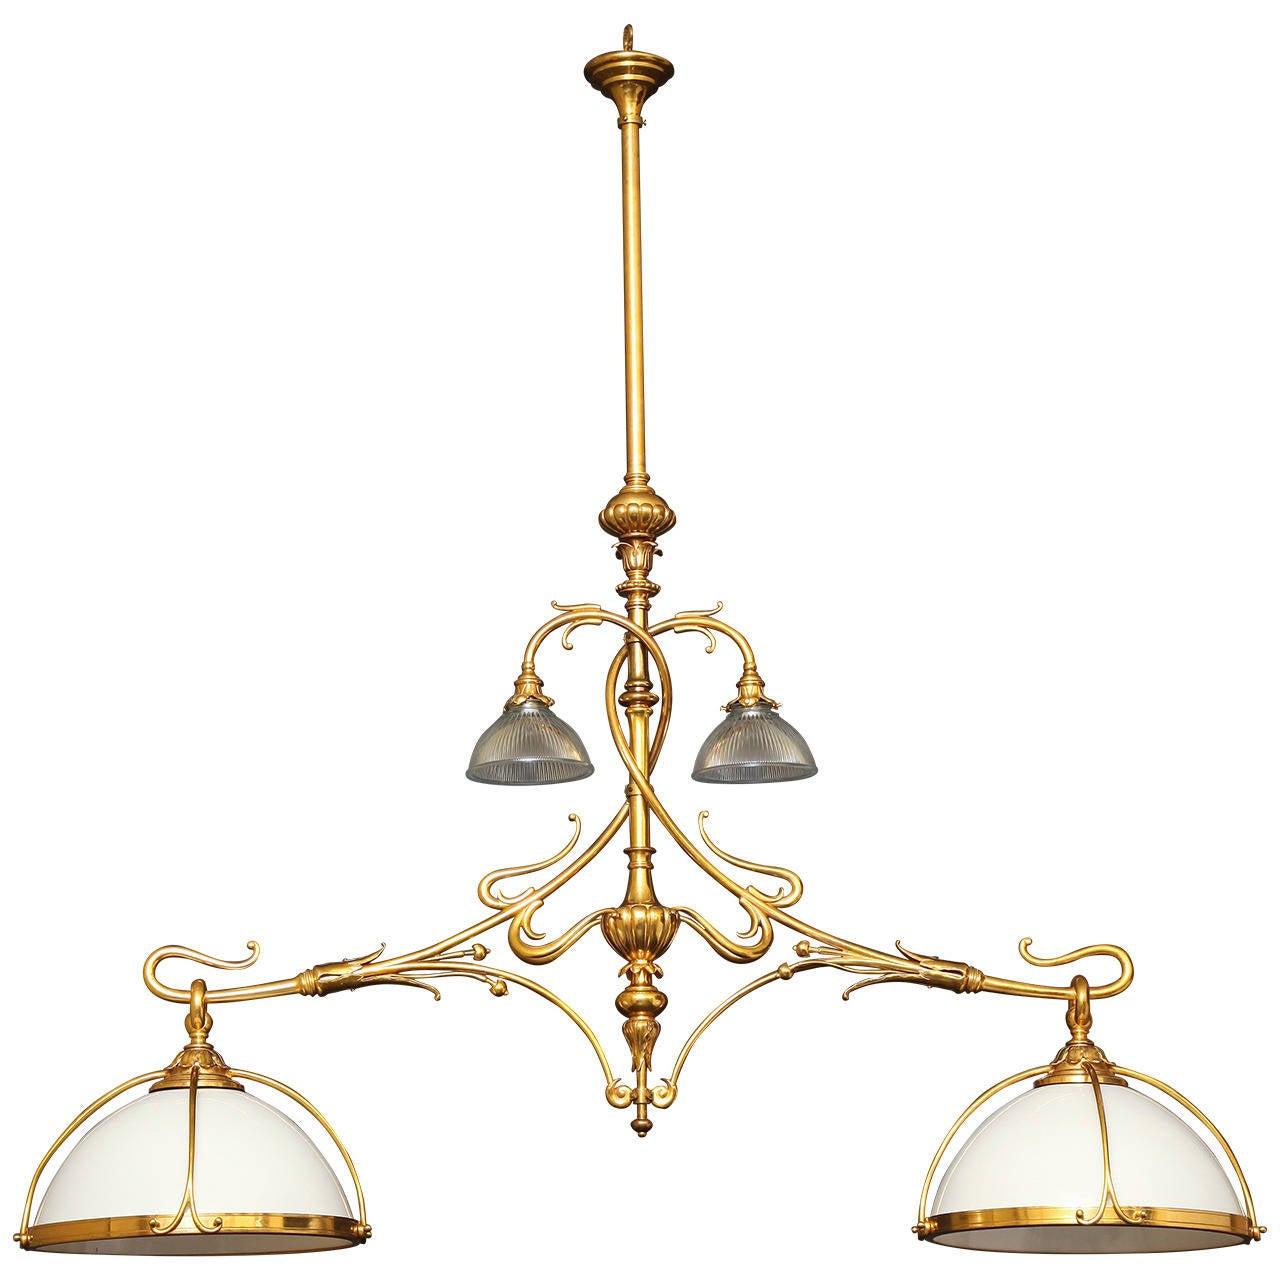 bronze kitchen chandelier stove parts gilt billiard or island with